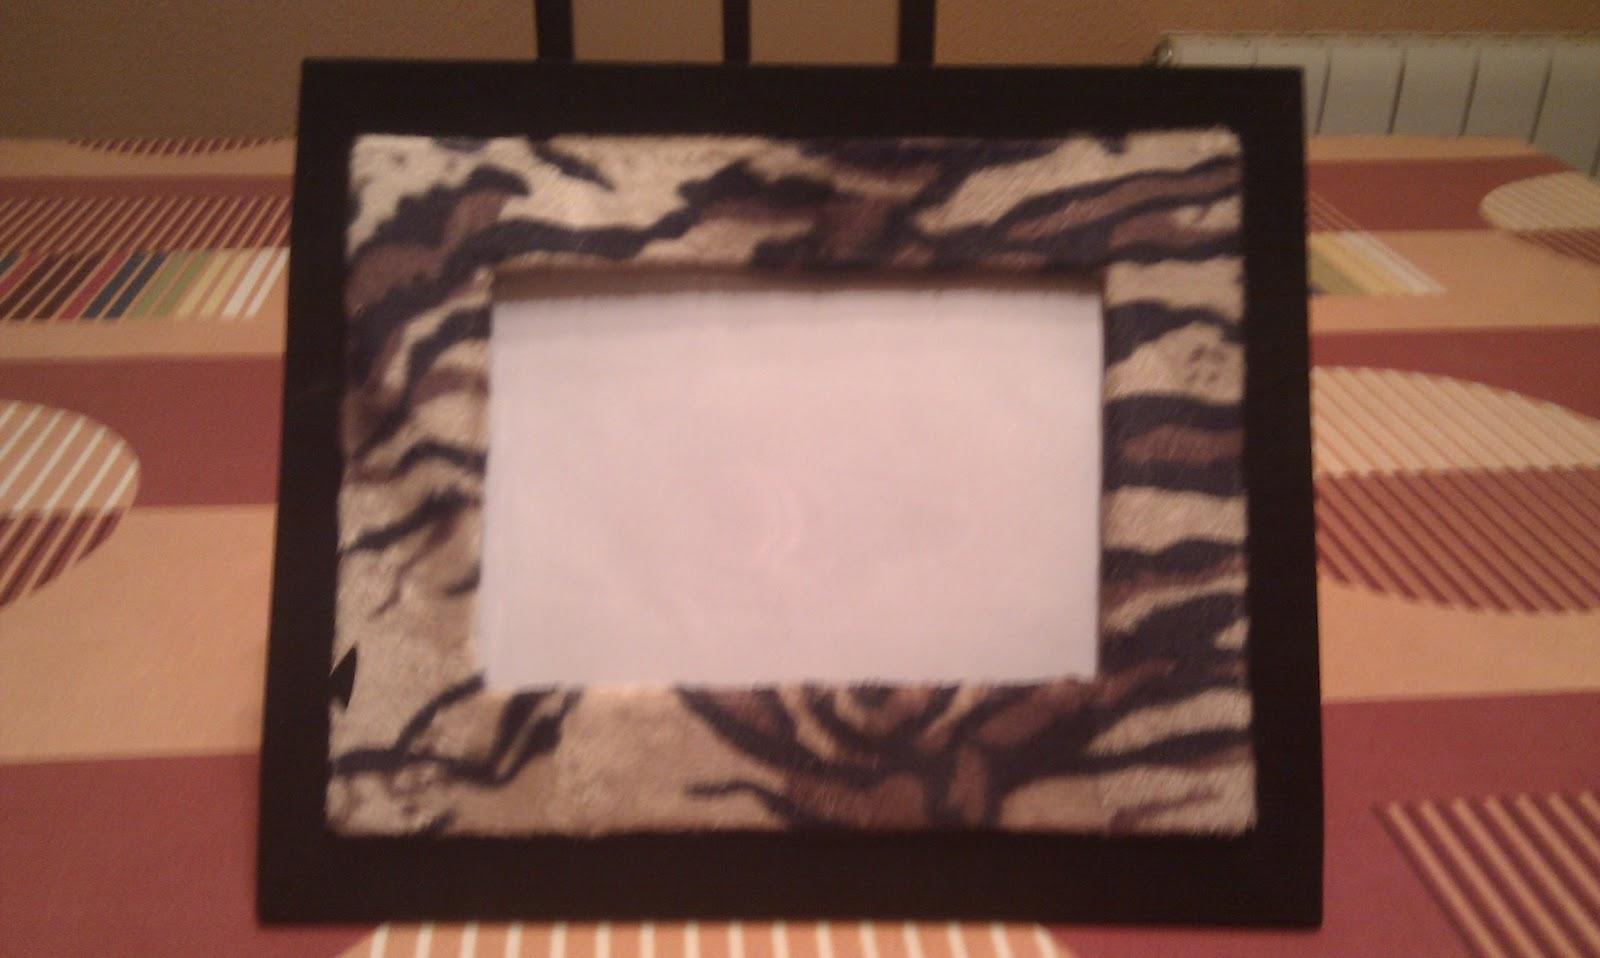 Juani manualidades marcos de fotos de tela y carton - Marcos fotos manualidades ...